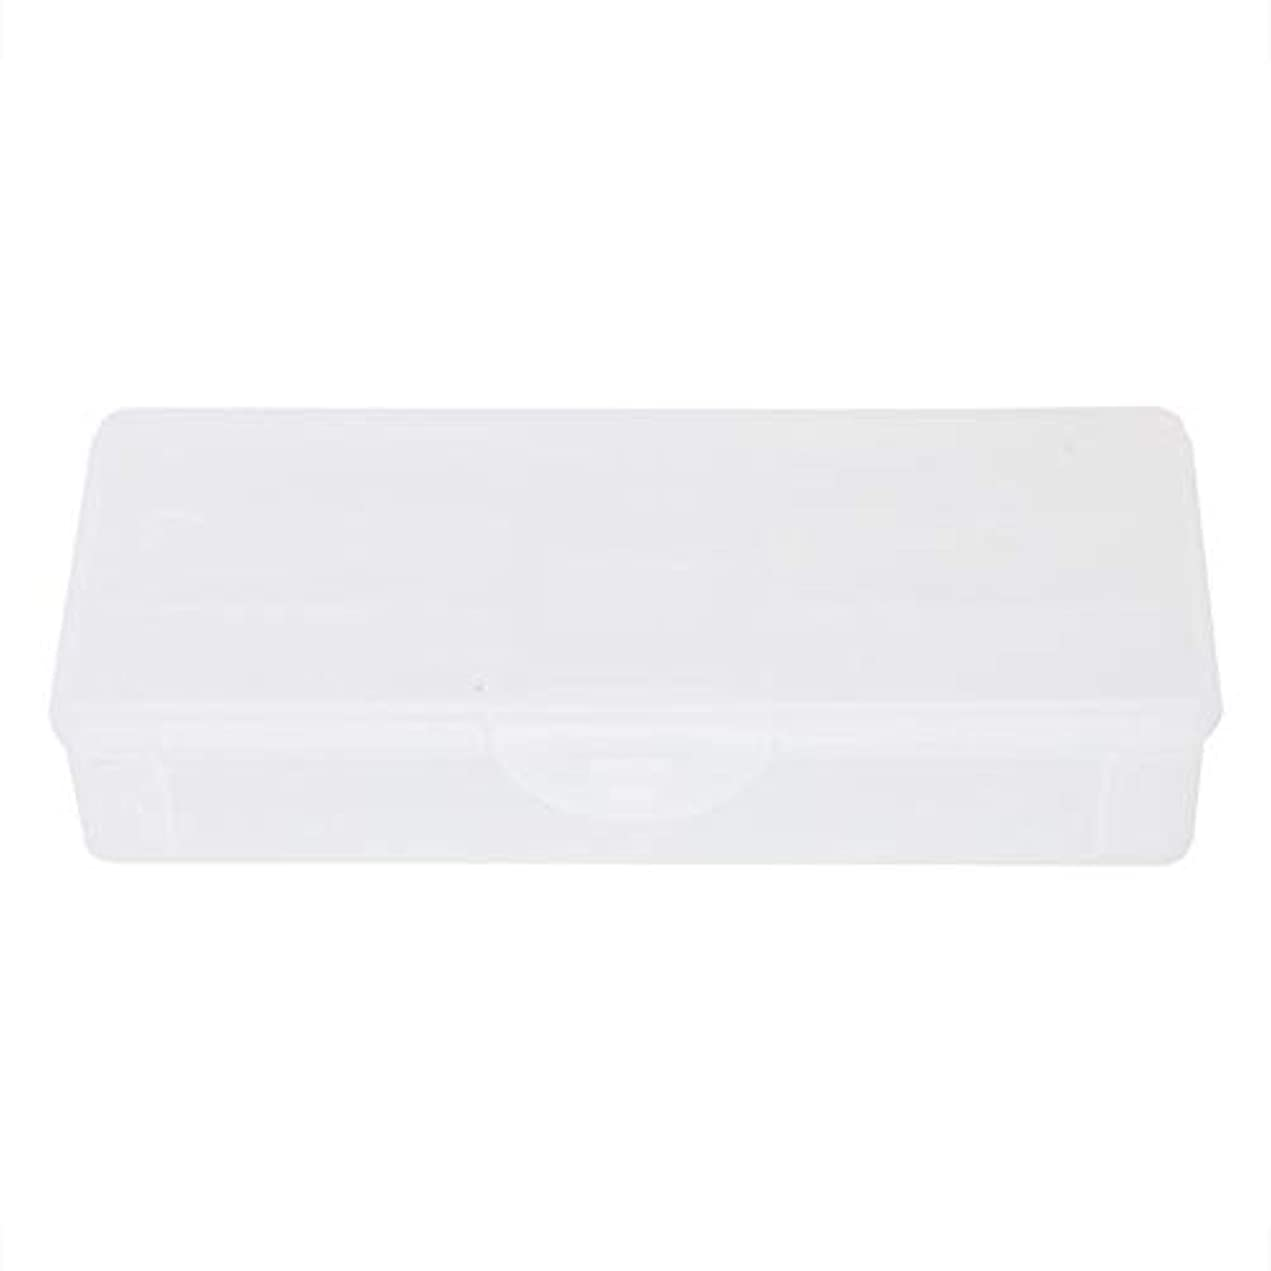 排泄物微弱可愛いポータブルプラスチック透明二重層マニキュアネイルツール-空の収納ボックスケースコンテナオーガナイザー